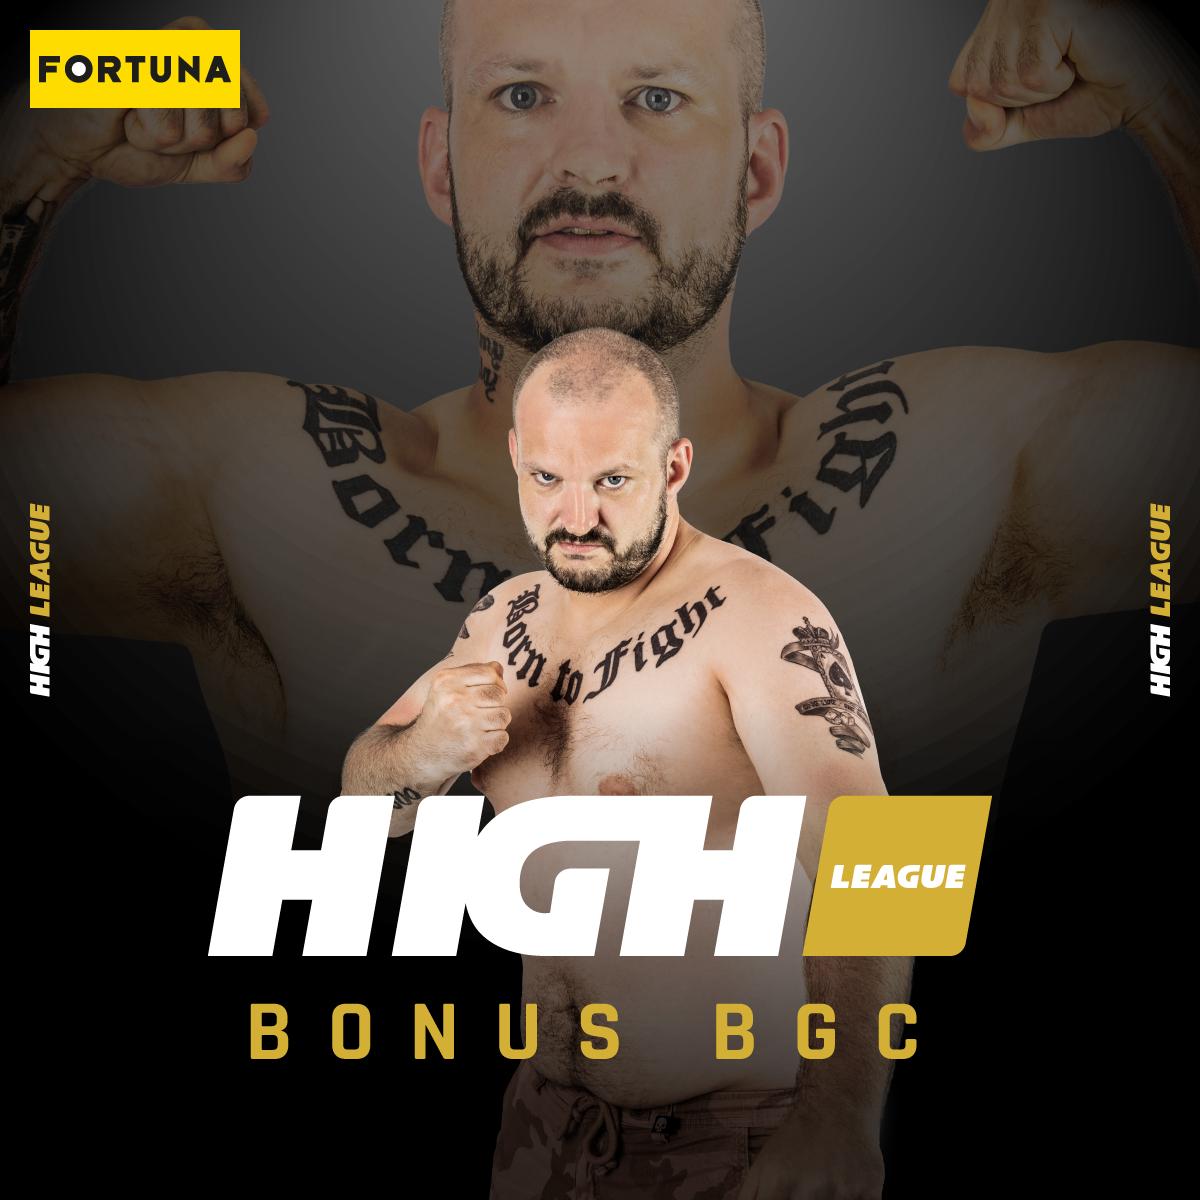 """Łazarski gladiator w High League! Piotr """"Bonus BGC"""" Witczak powita """"Japczana"""" w oktagonie"""